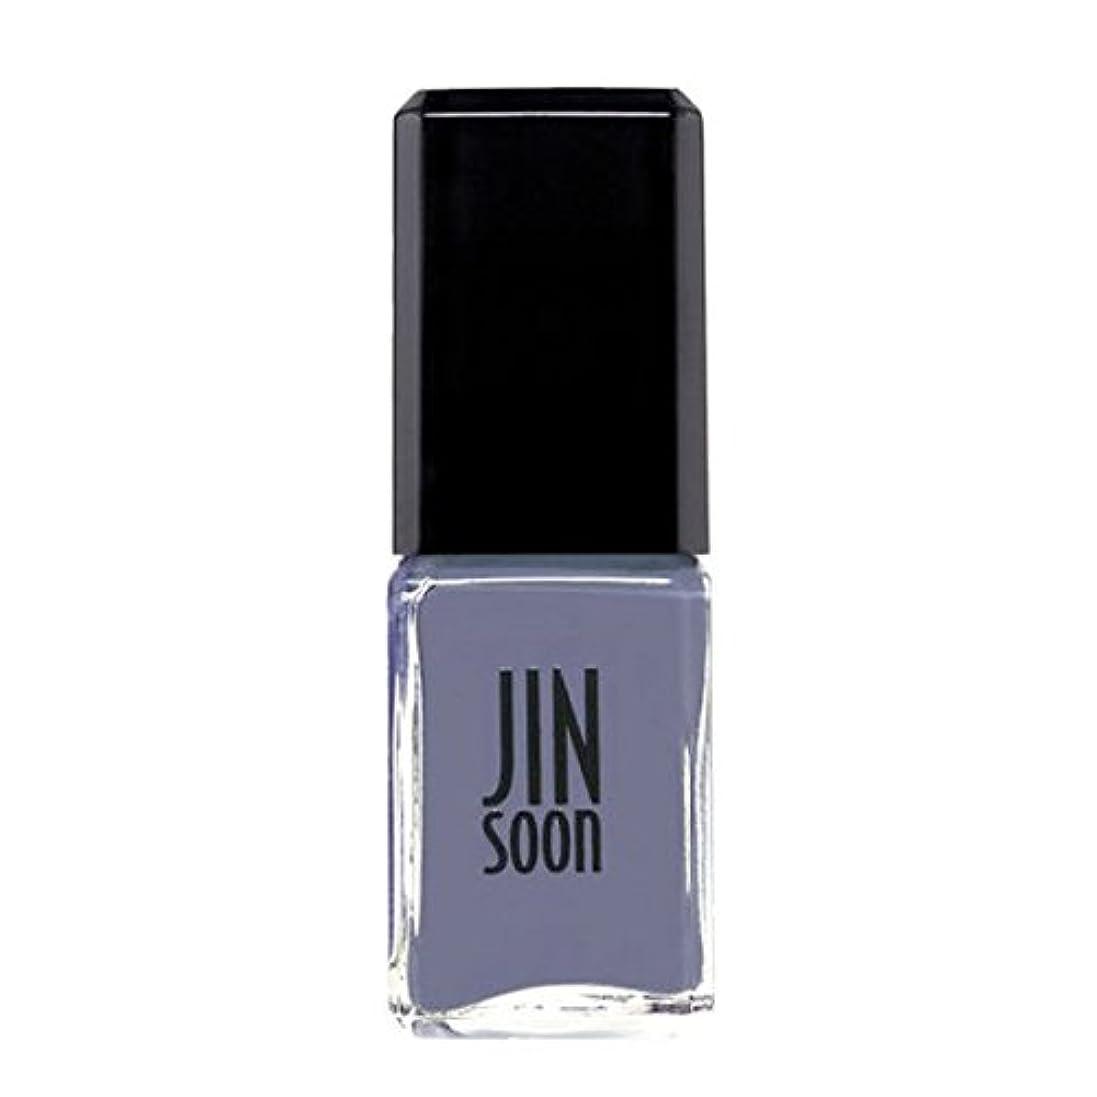 予想外父方のの中で[ジンスーン] [ jinsoon] ダンディ(パープルブルー) DANDY ジンスーン 5フリー ネイルポリッシュ ネイルカラー系統:パープルブルー 11mL